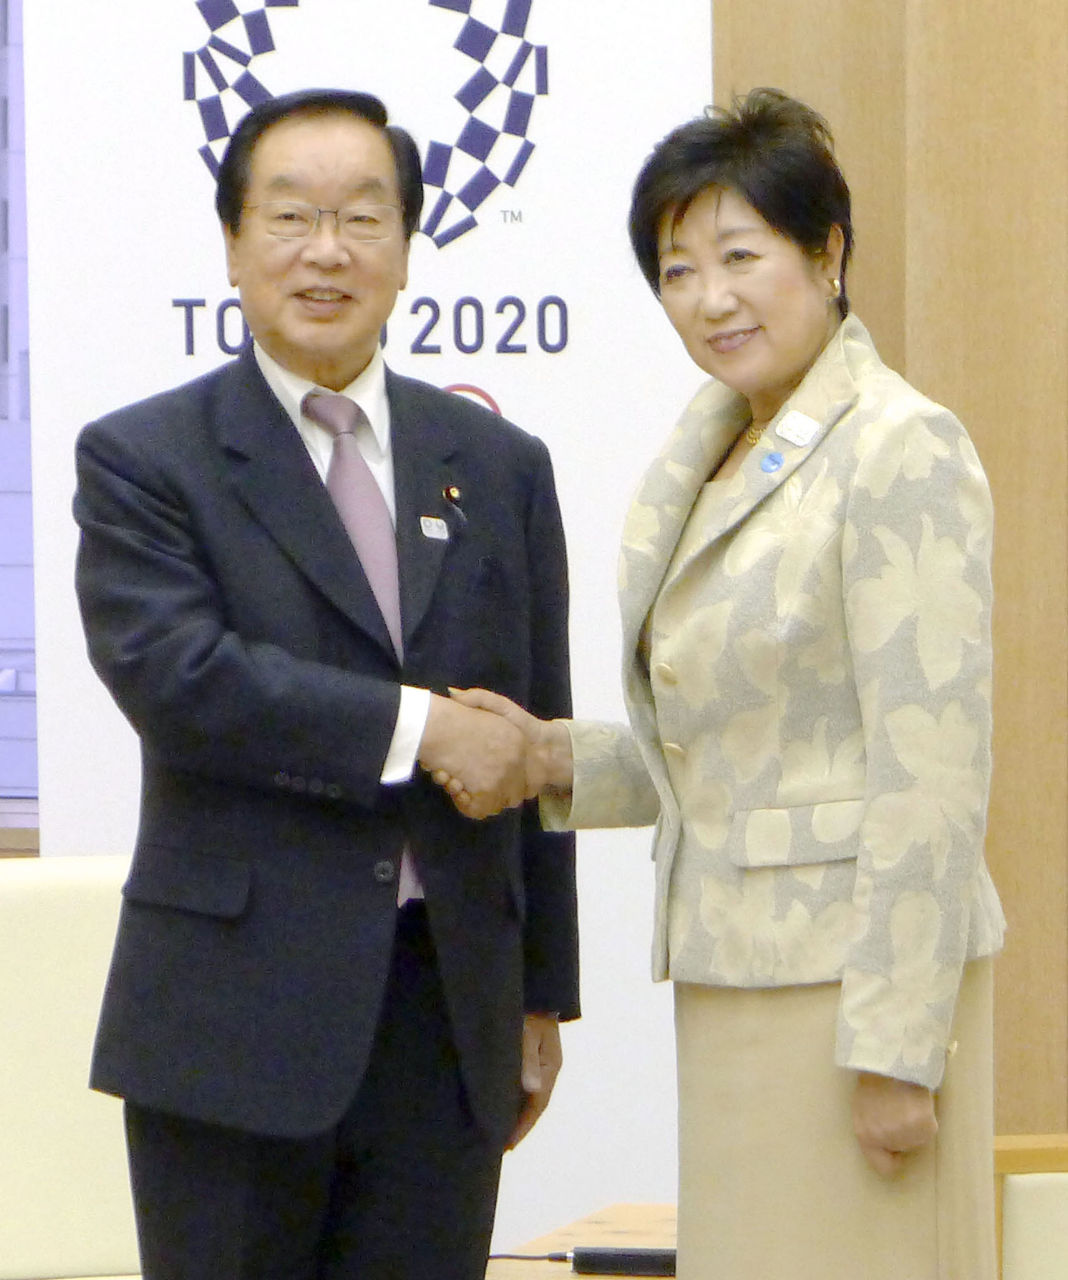 会談前に握手する渡辺復興相と東京都の小池百合子知事=11月29日午後、東京都庁